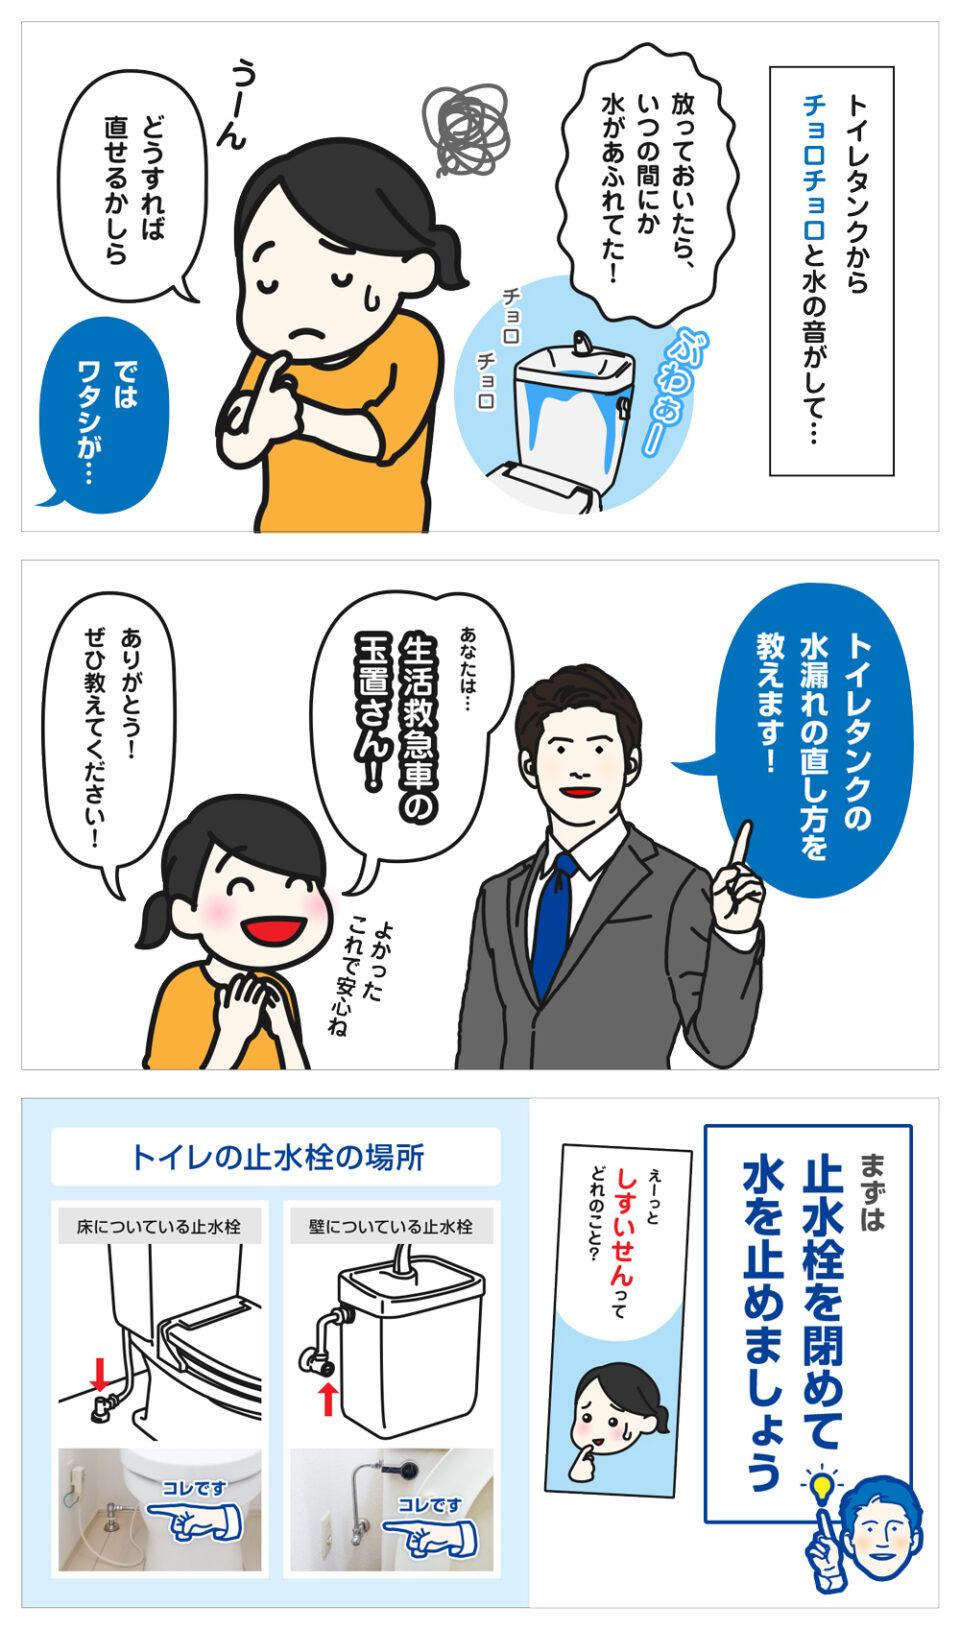 トイレタンクの水漏れ修理方法-1